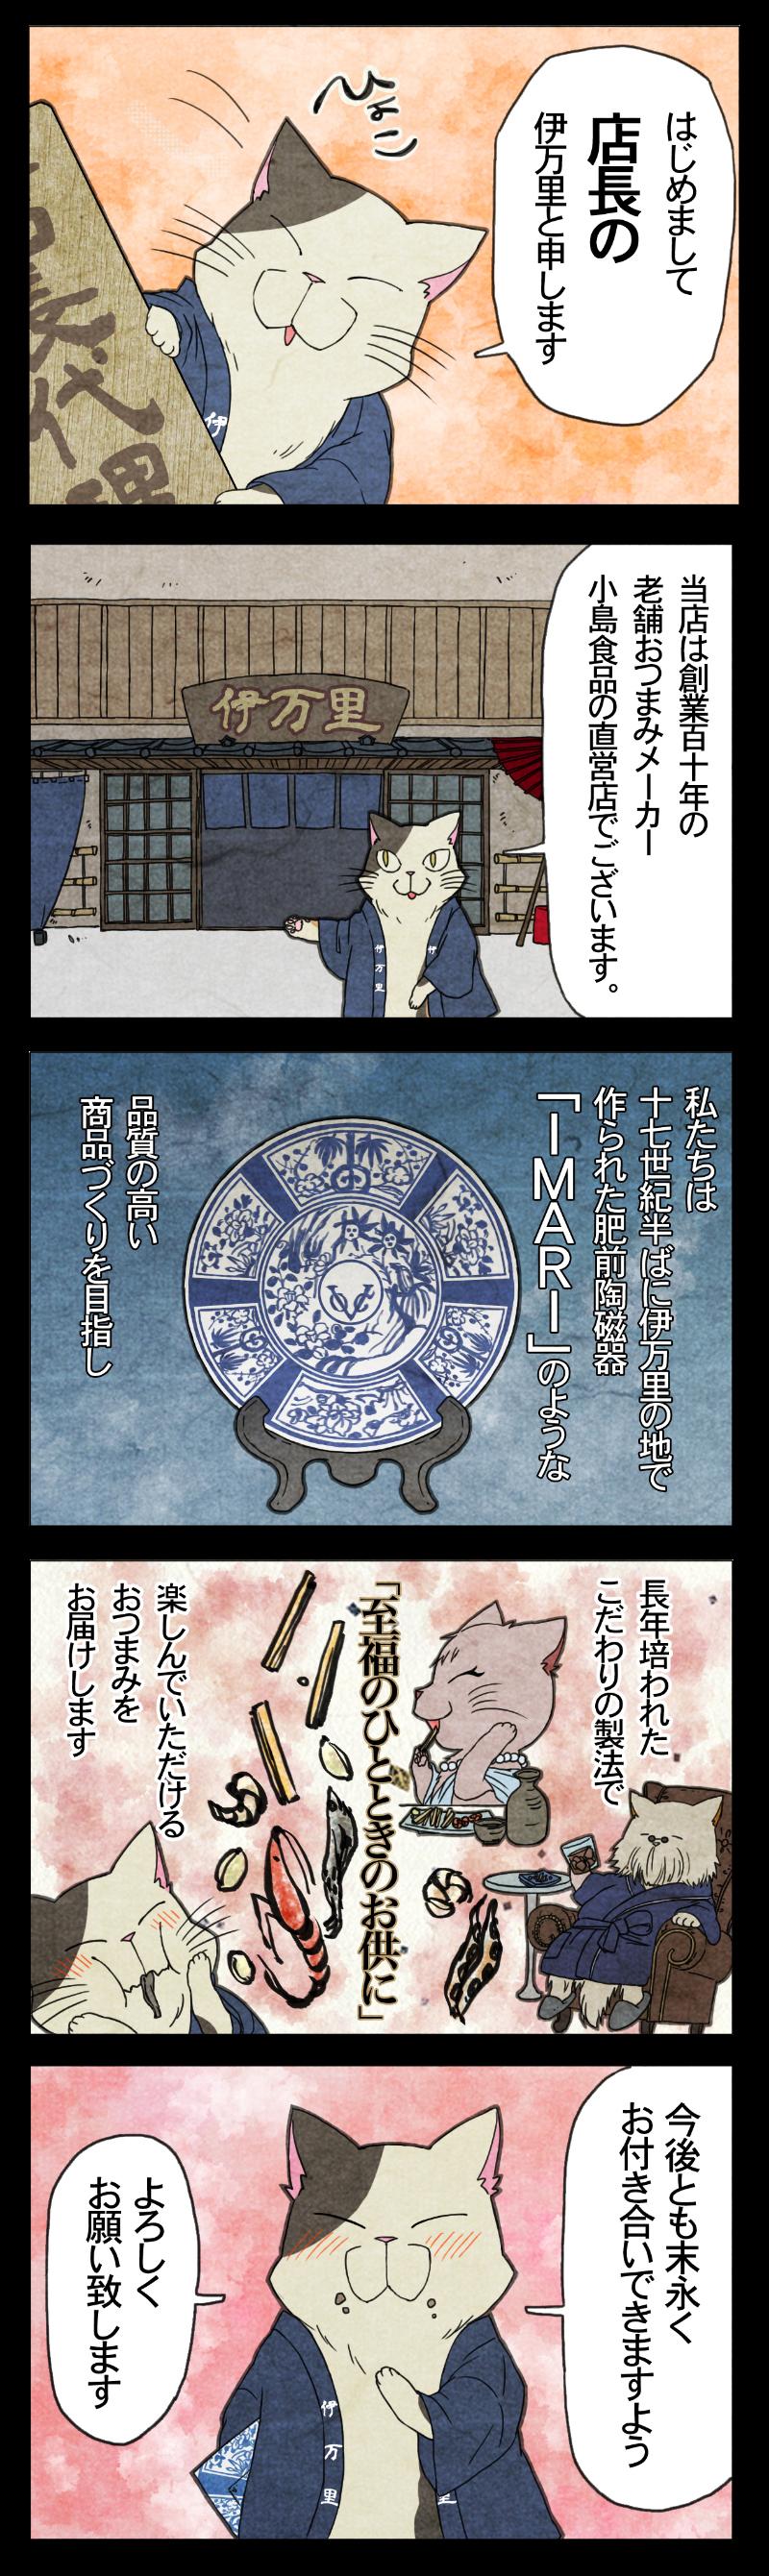 珍味 四コマ 漫画 古伊万里浪慢 店長 猫 おつまみギャラリー伊万里 小島食品工業 直営店